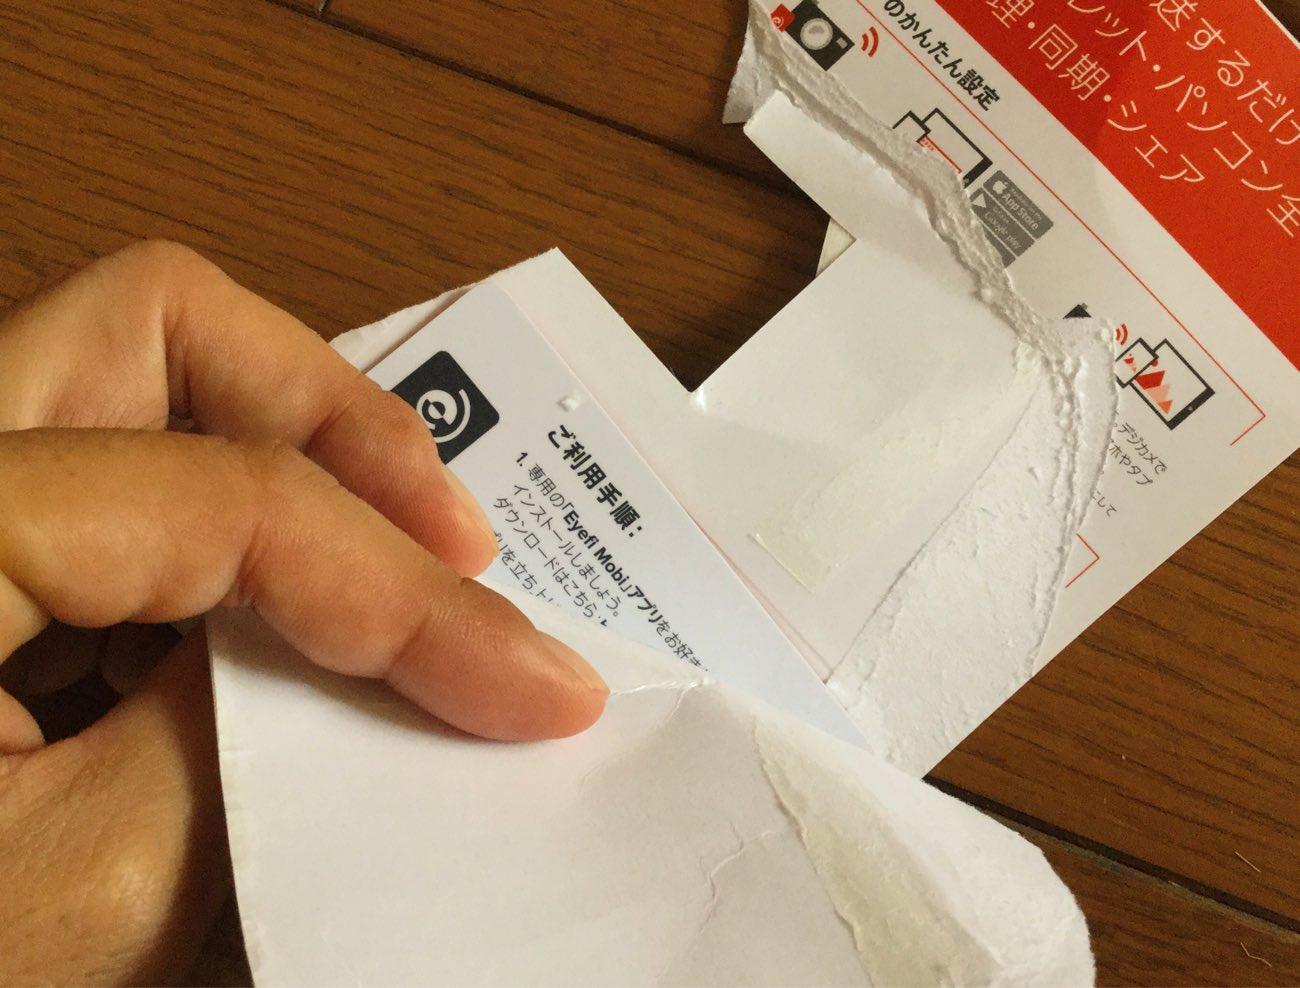 アクティベーションコードは箱に入ってたカードに書いてある